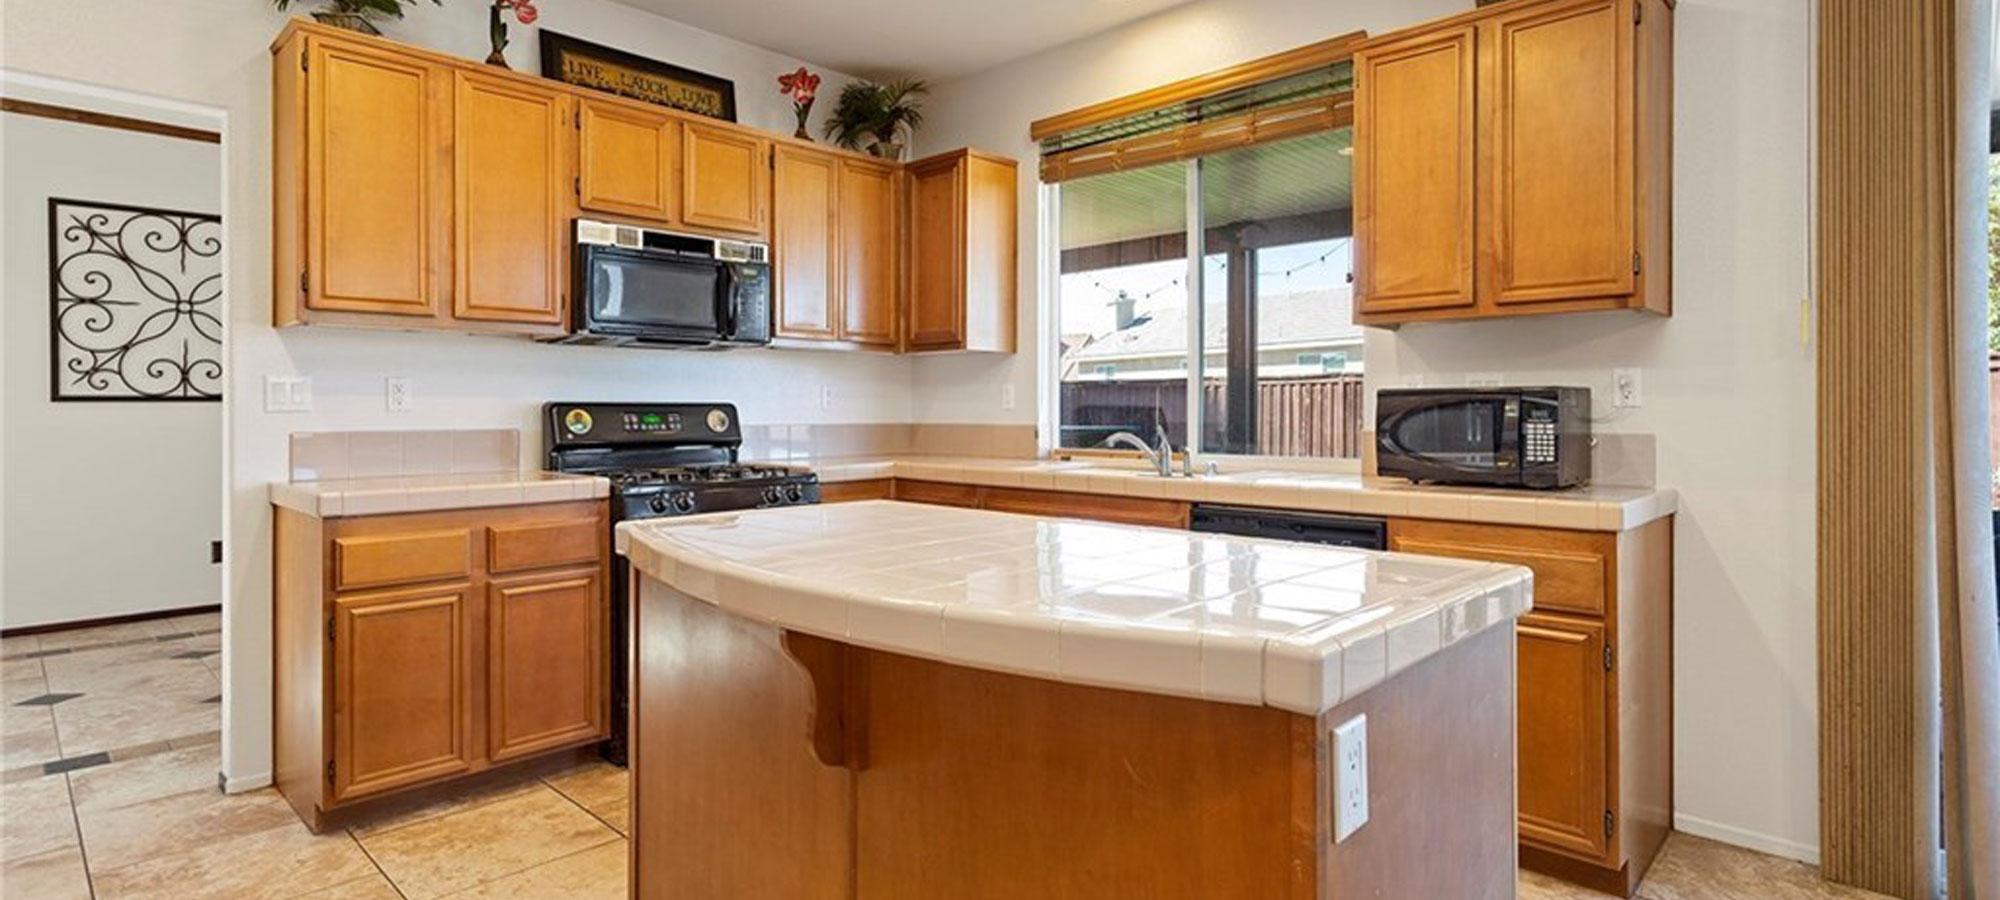 31050 Bonsai Cir Winchester, CA 92596